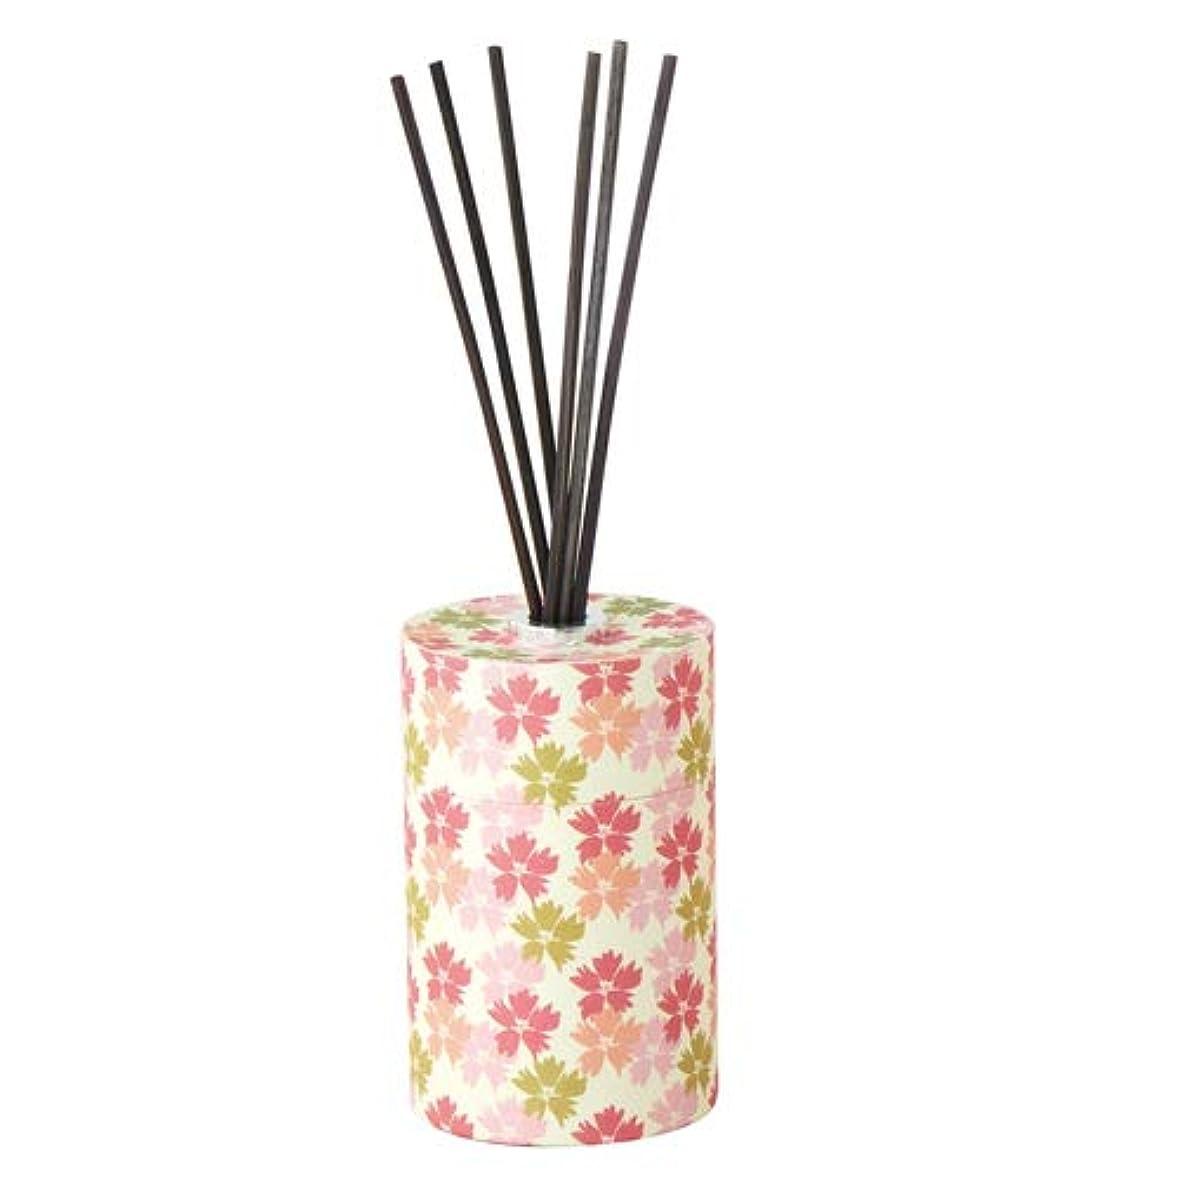 歯検索エンジン最適化かもめ和遊ディフューザー 桜の香り 1個